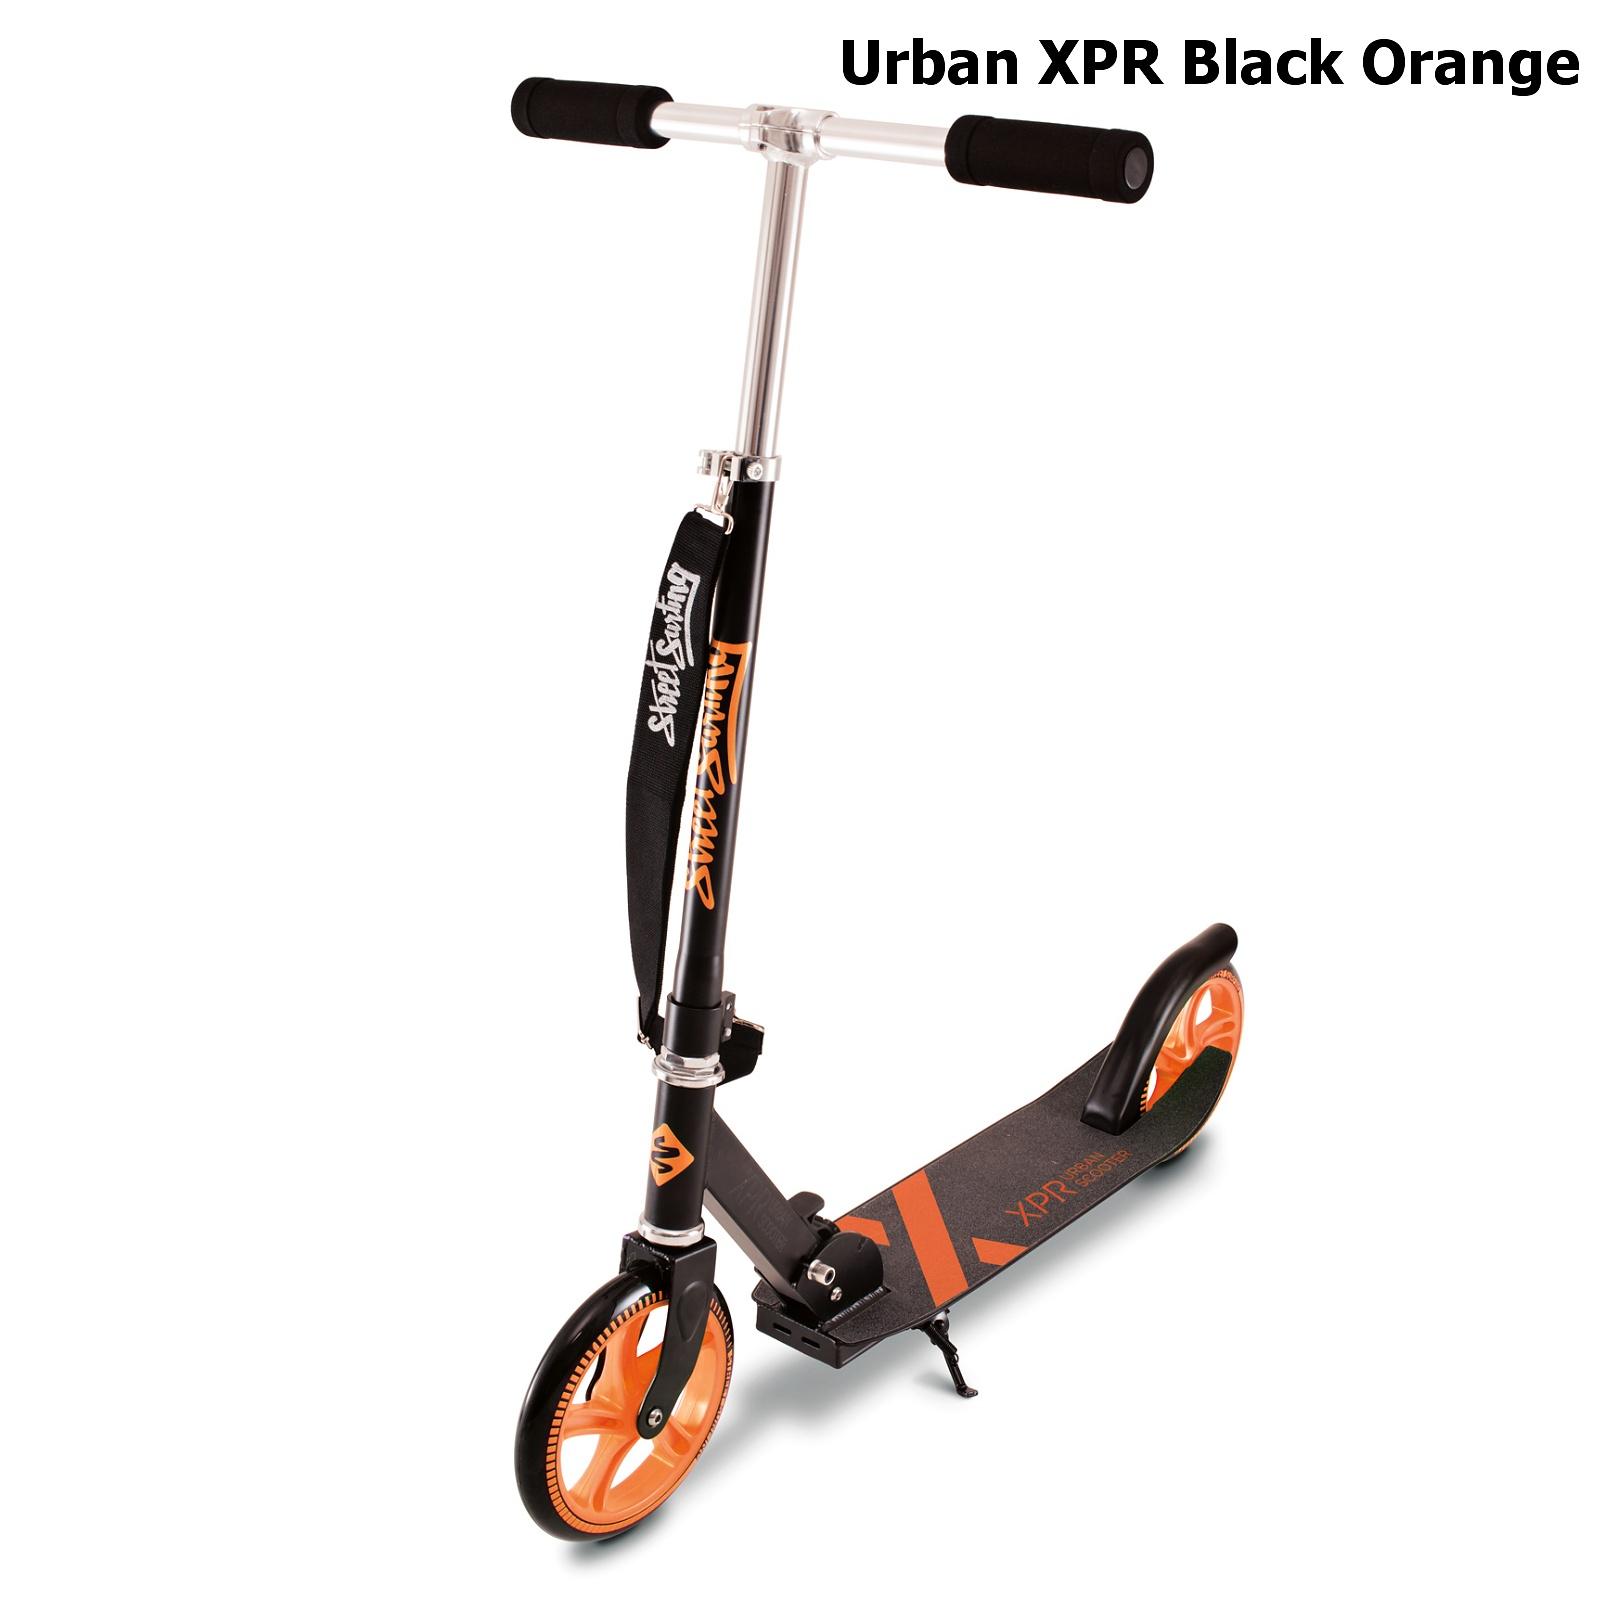 Koloběžka STREET SURFING Urban XPR - černo-oranžová